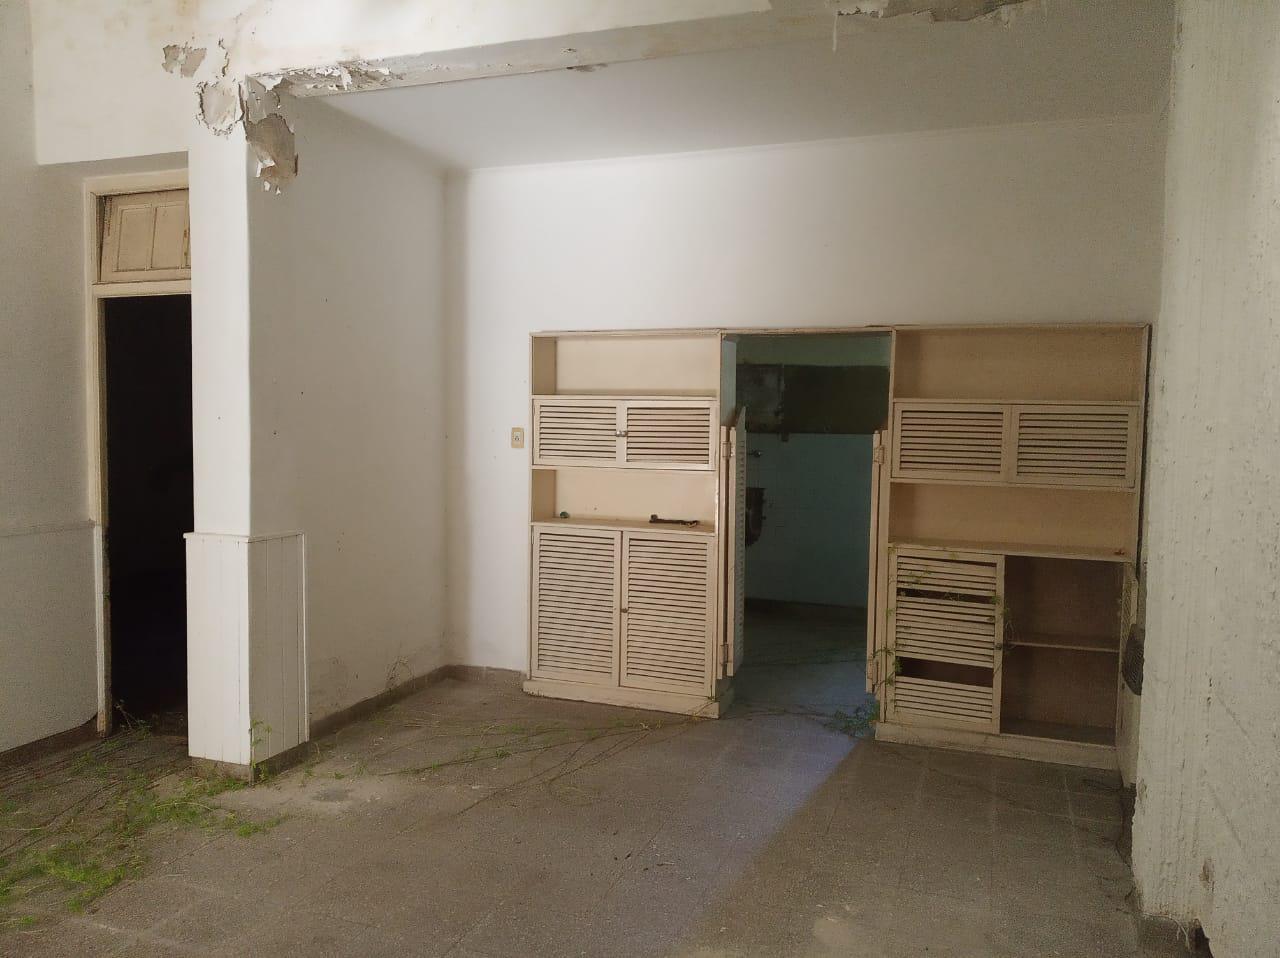 Tucuman 141 - Gaggiotti Inmobiliaria cuenta con más de 50 años desde que se inicio en el negocio de los servicios inmobiliarios.